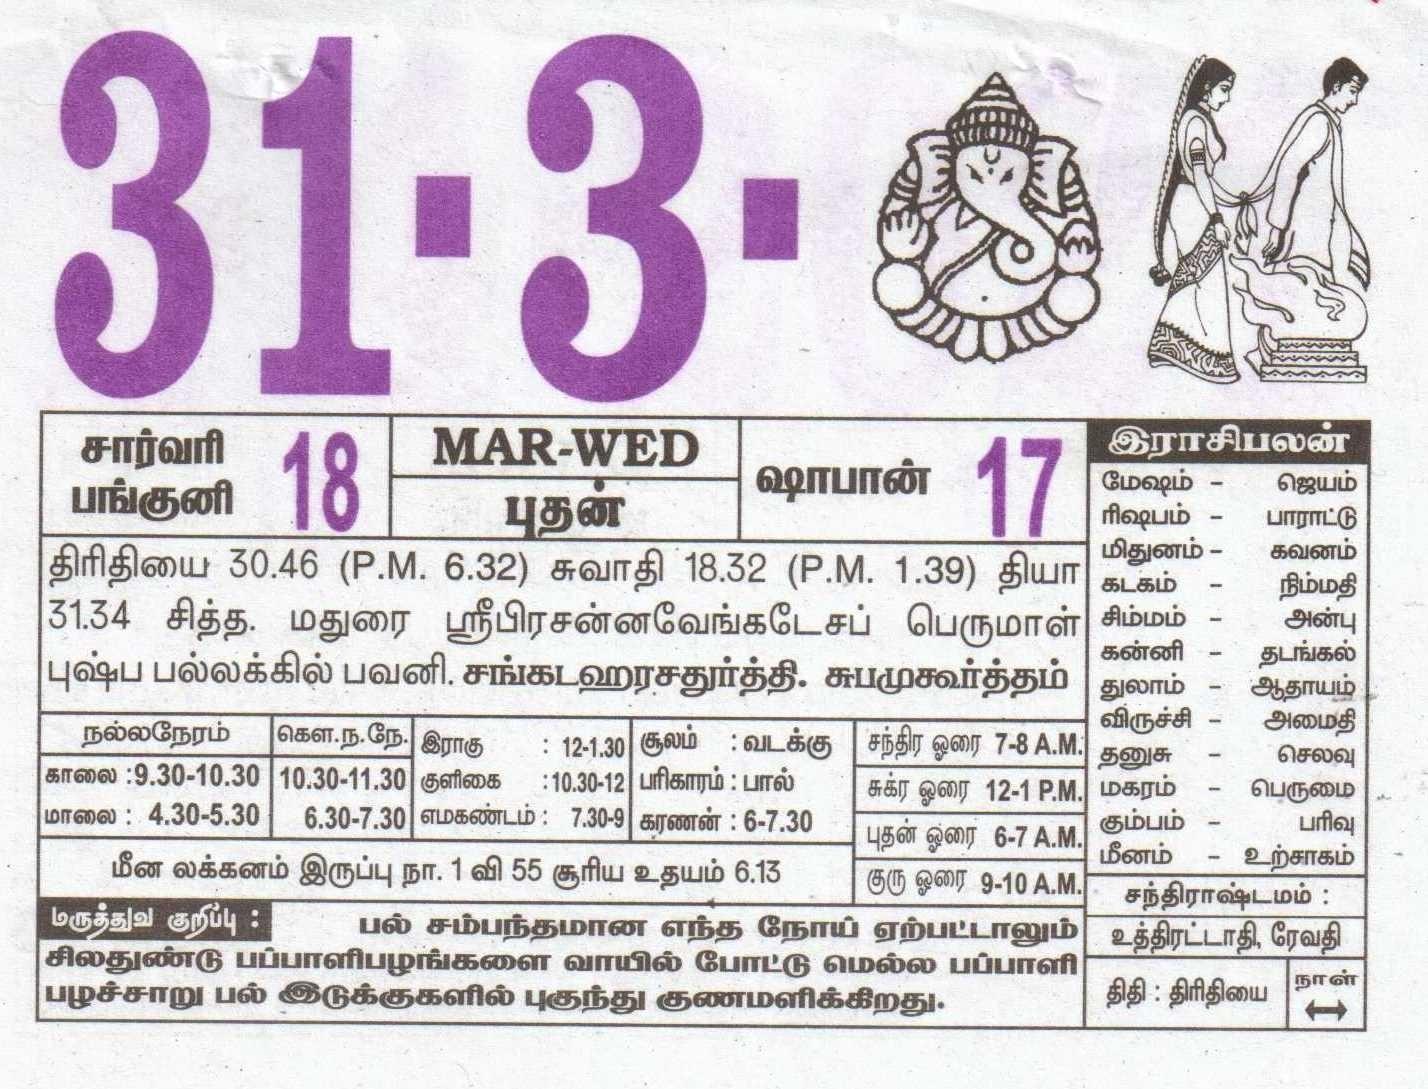 31-03-2021 Daily Calendar | Date 31 , January Daily Tear Off Calendar | Daily Panchangam Rasi Palan Tamil Monthly Calendar 2021 October